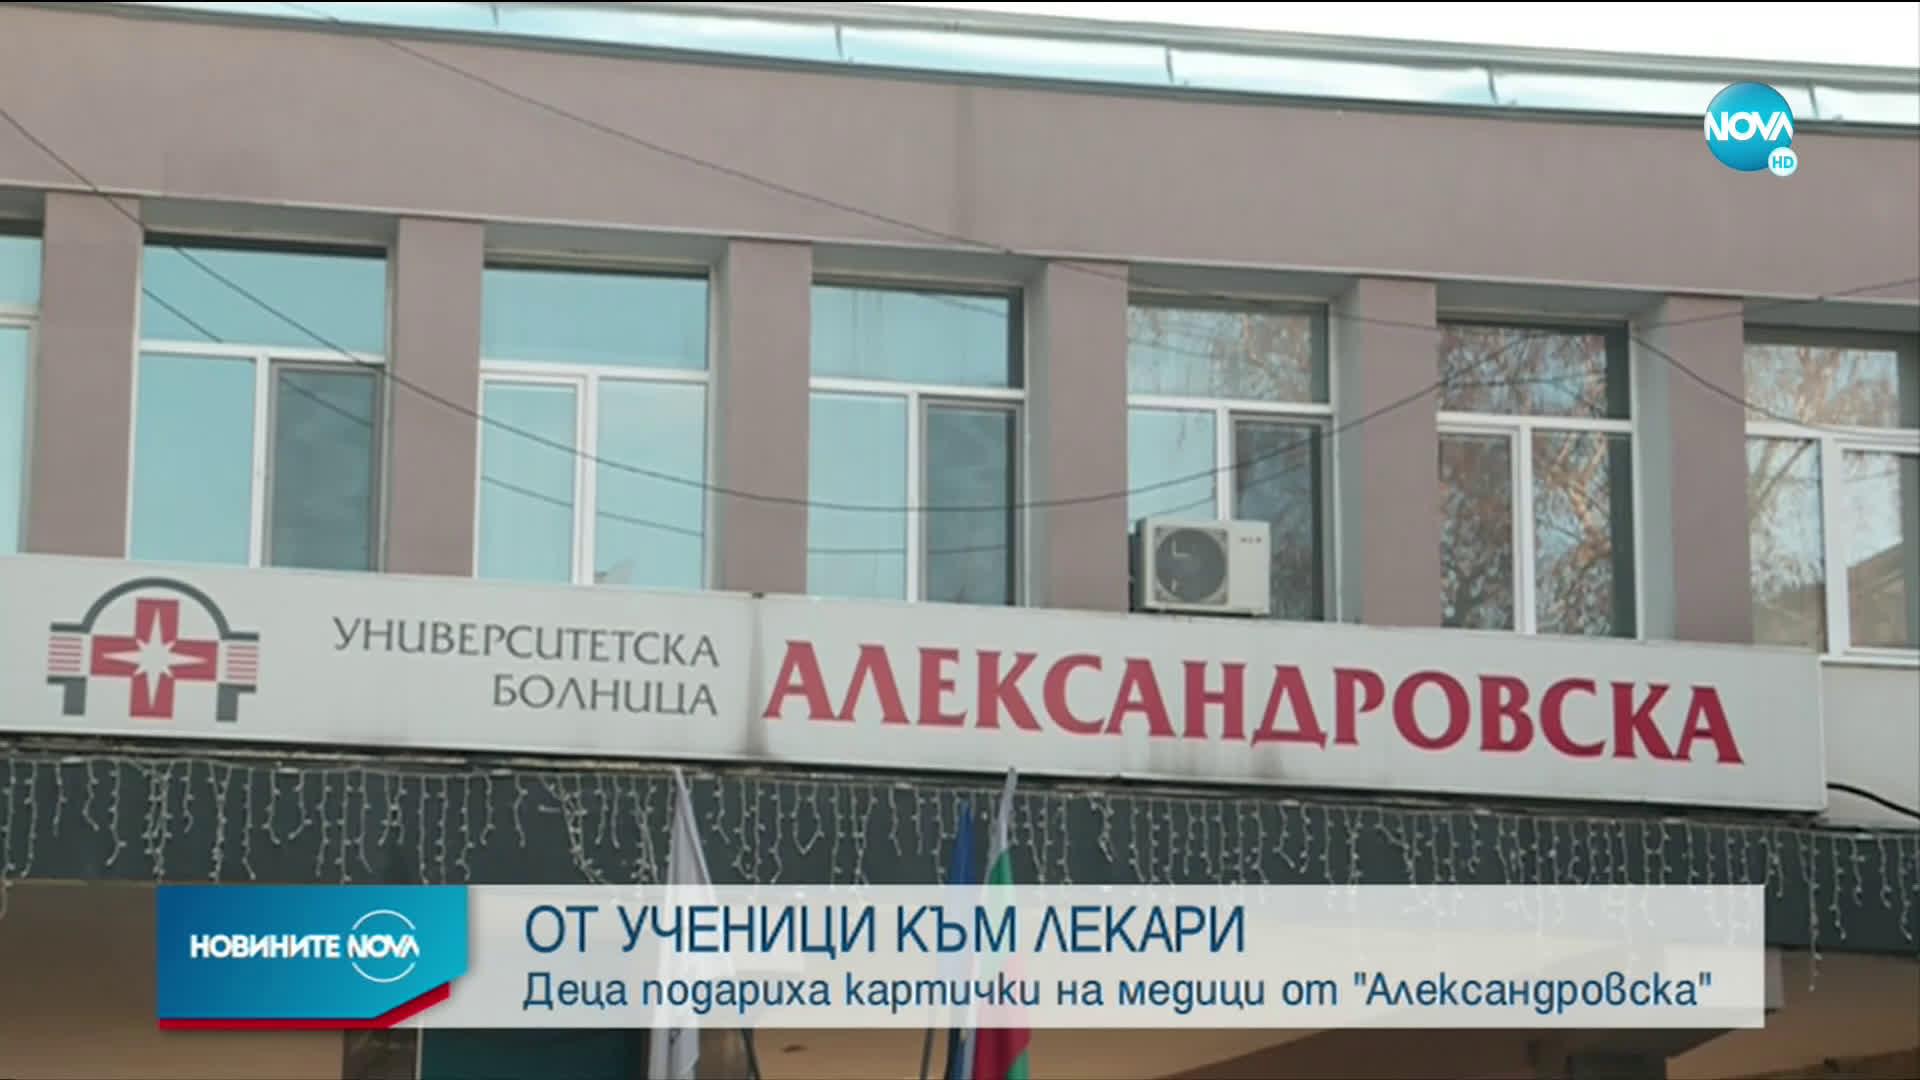 """Деца подариха картички на медици от """"Александровска"""""""